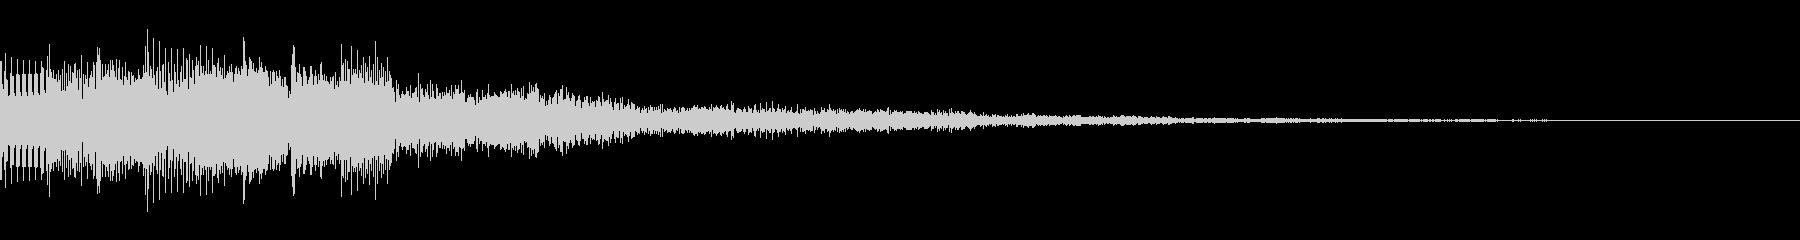 テレビ番組・動画テロップ・汎用UI音lの未再生の波形